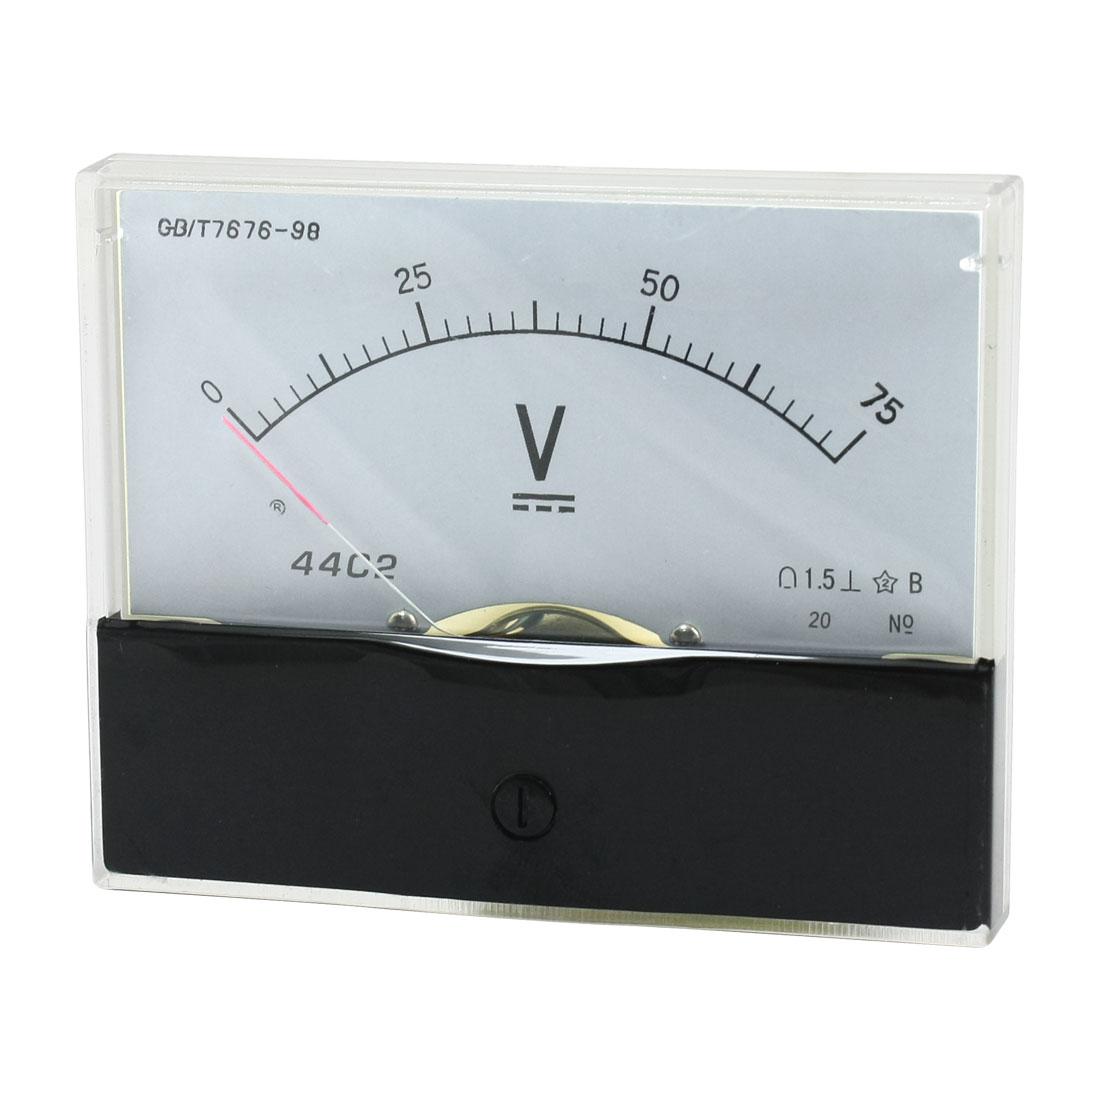 DC 0-75V Arabic Numerals Dial Panel Analog Voltmeter Volt Meter 44C2